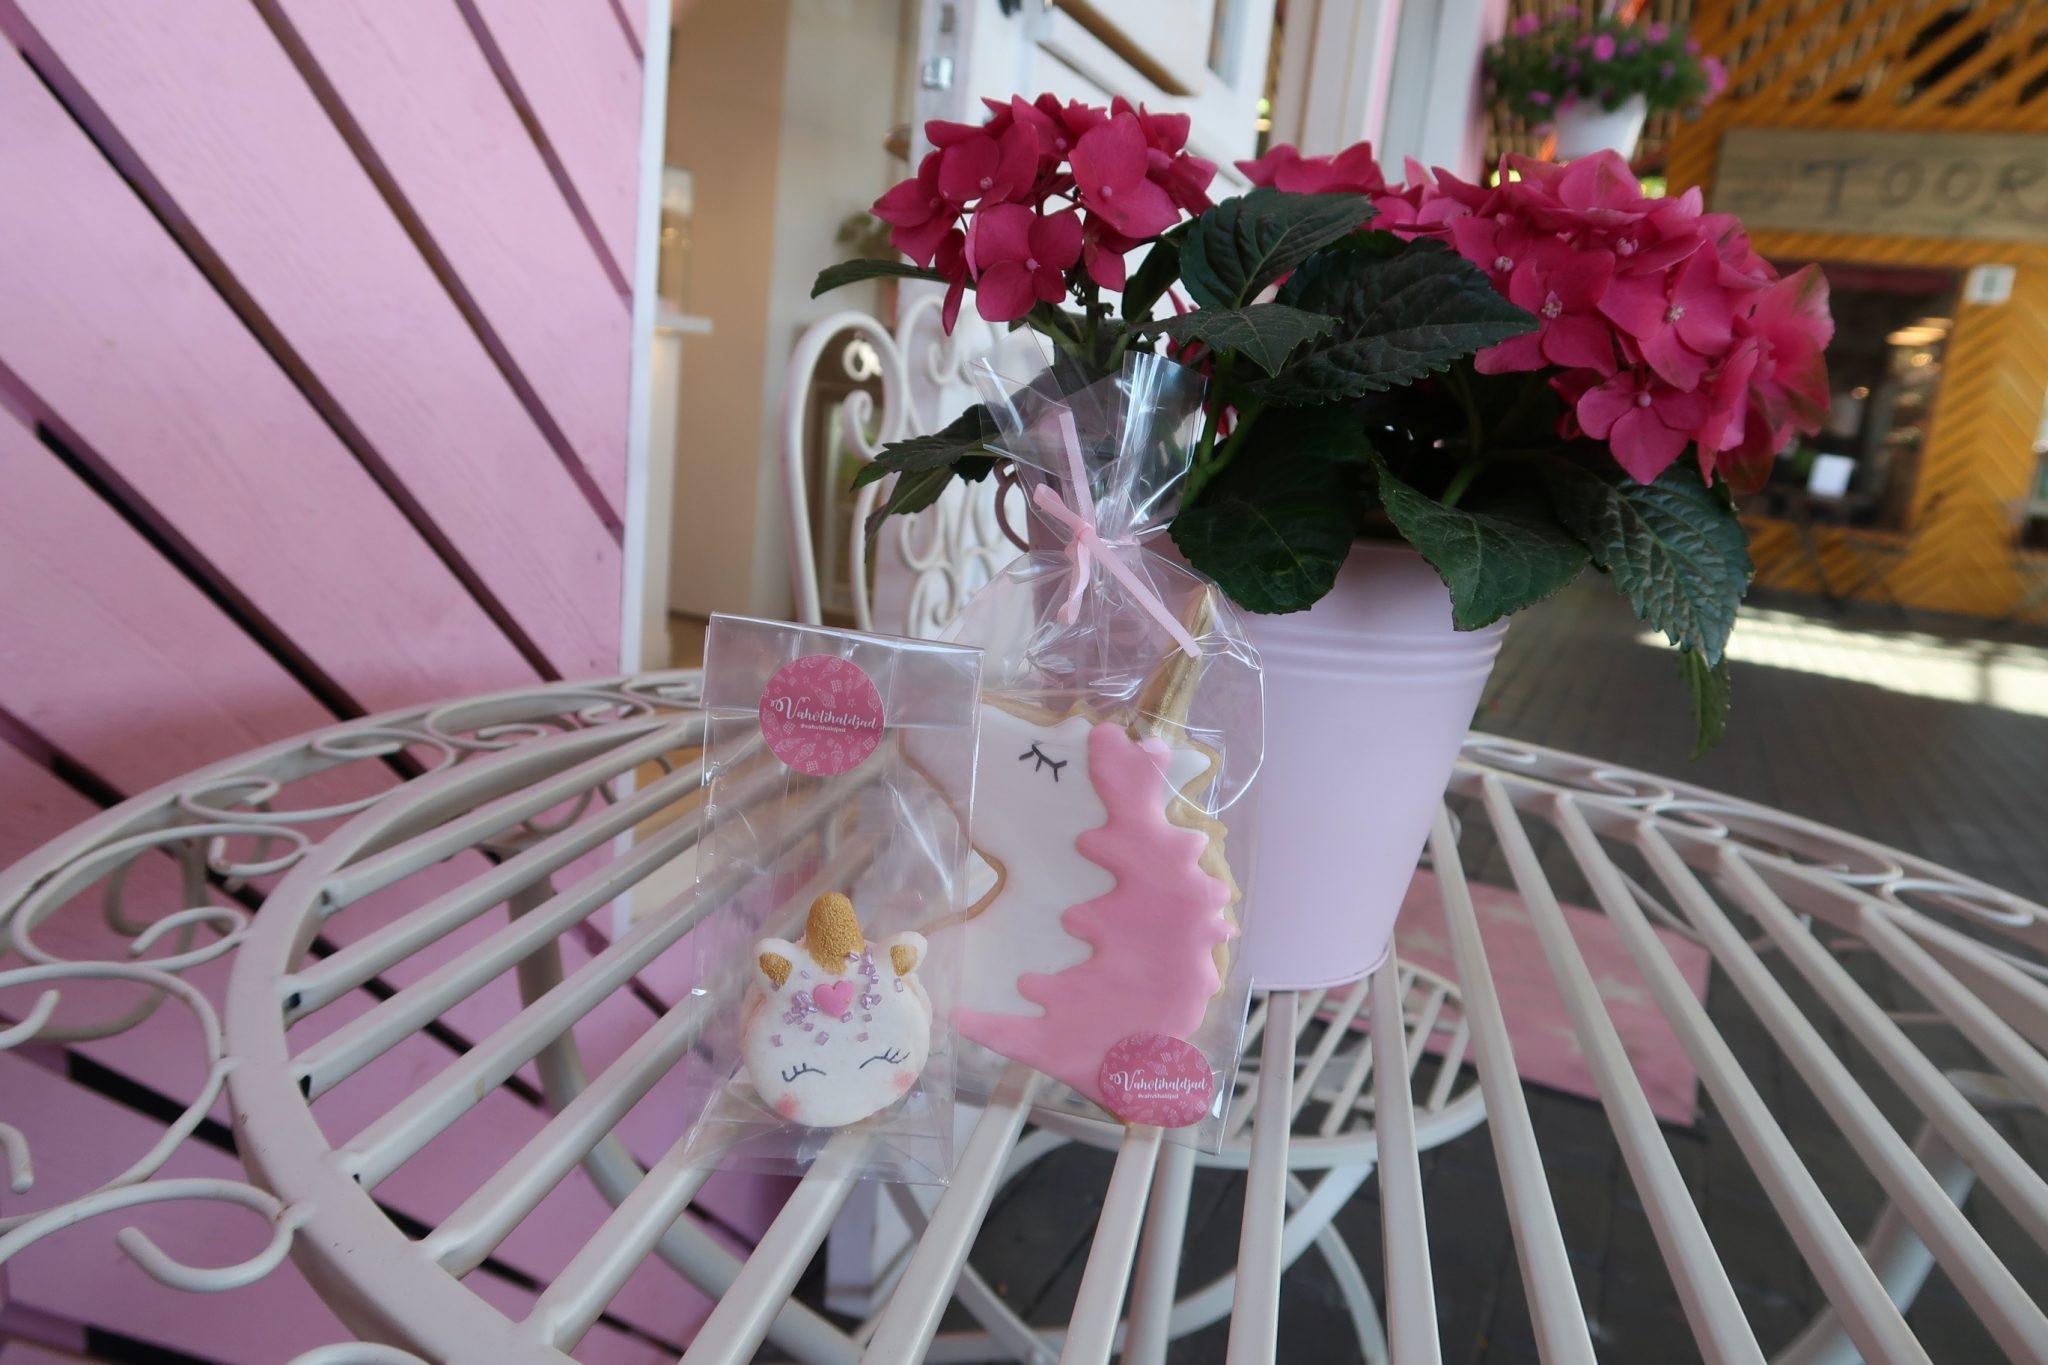 Tallinna yksisarvinen kahvila